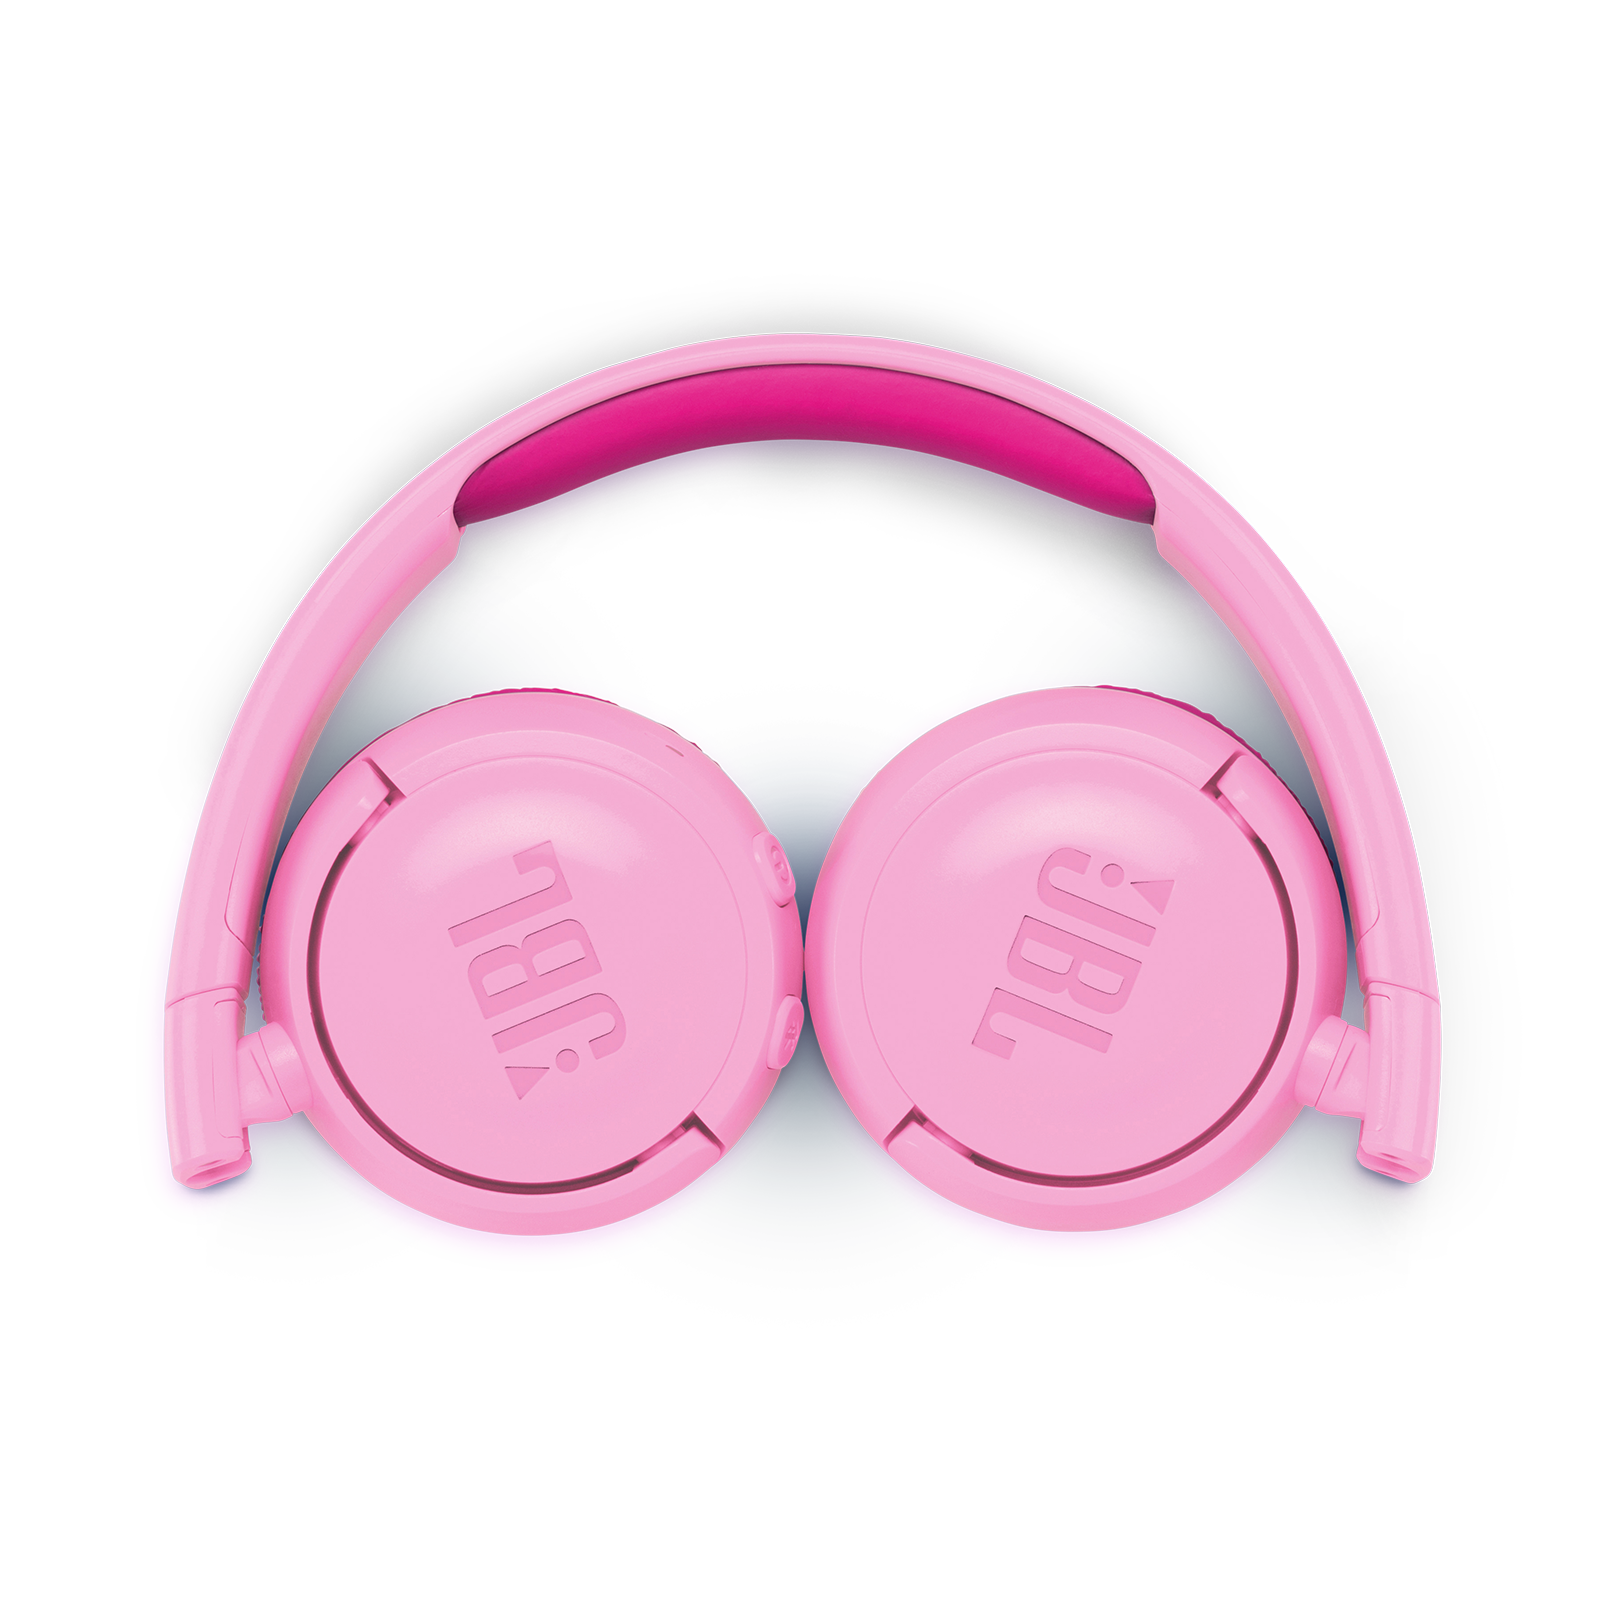 JBL JR300BT - Punky Pink - Kids Wireless on-ear headphones - Detailshot 3